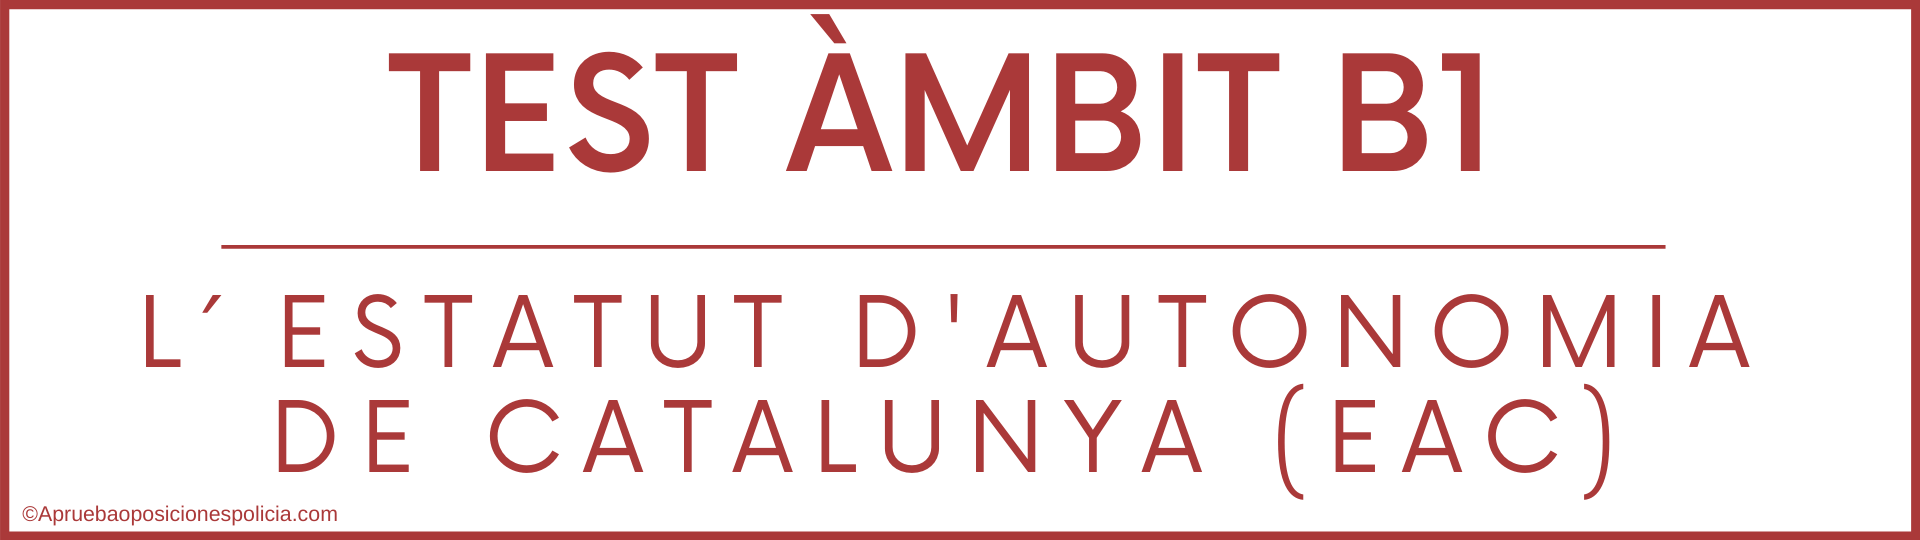 Test B1 Estatut Autonomia Cataluña